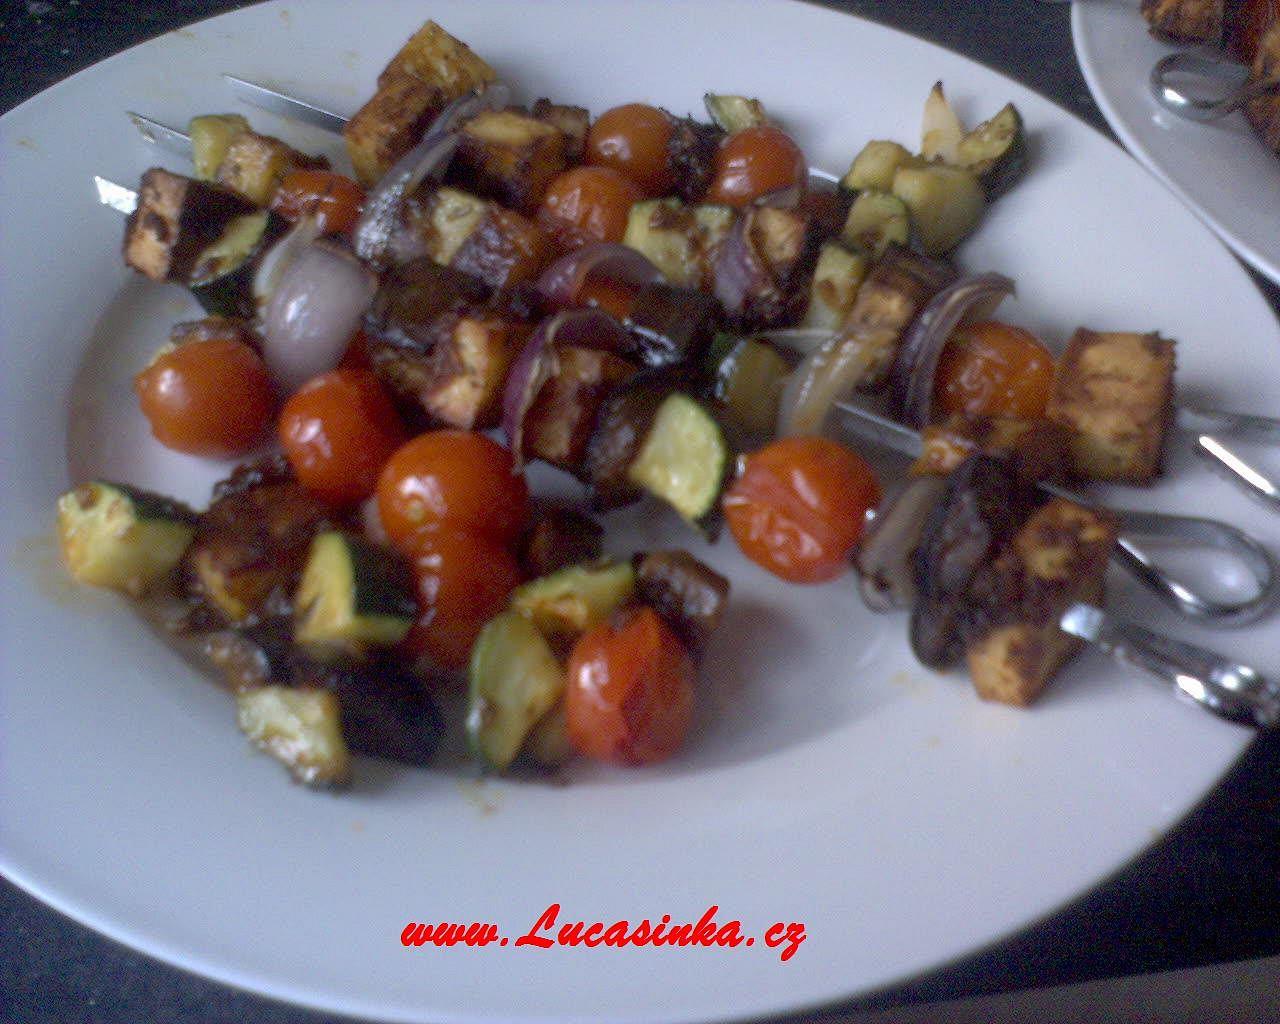 Špízy z paneeru a zeleniny